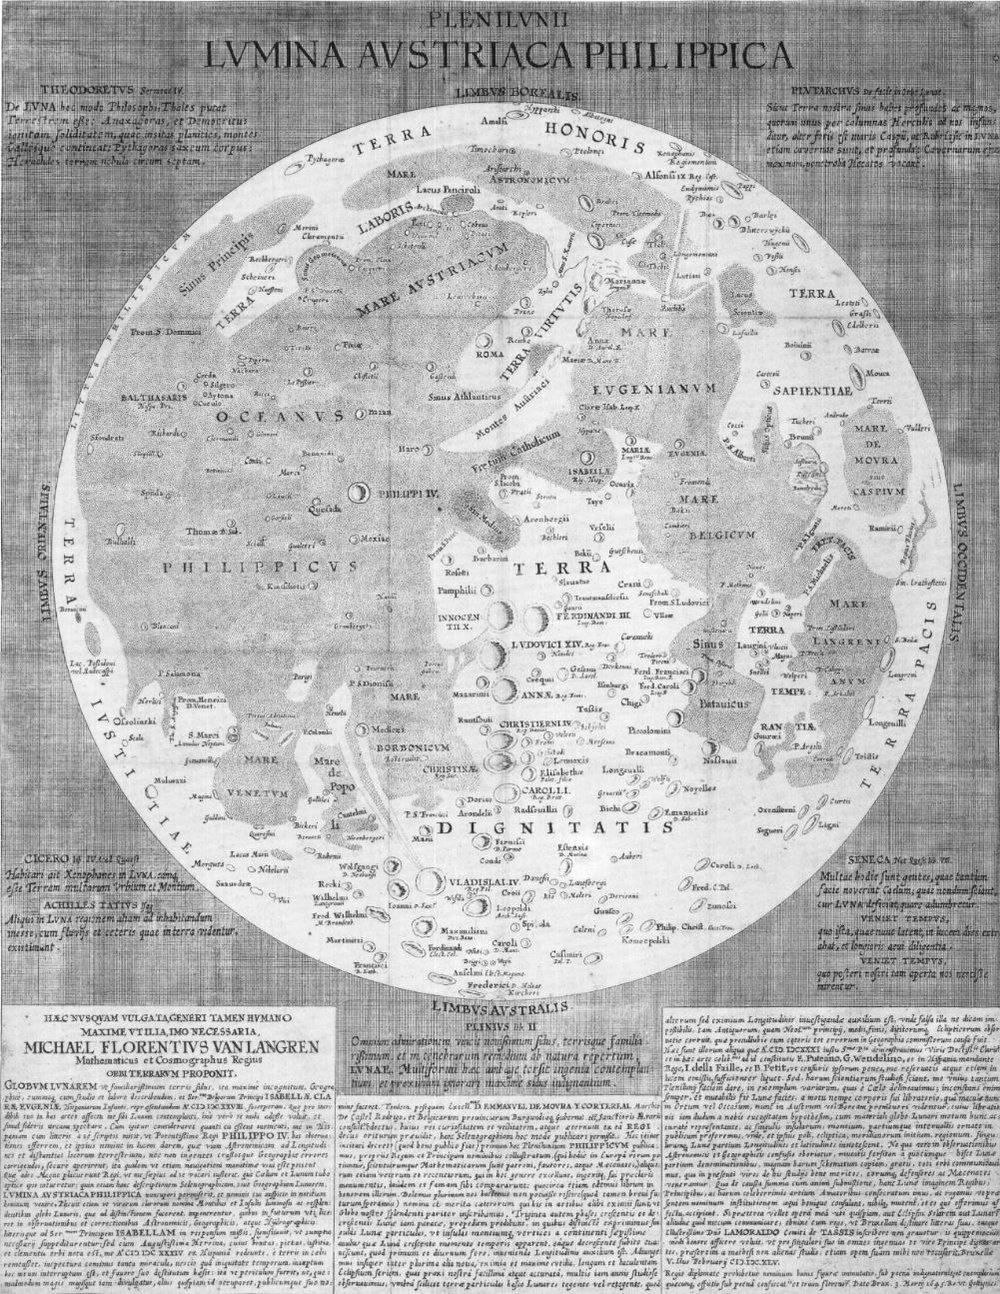 Map of the Moon by Michael van Langren (1655) - Image Credit:  Michael van Langren via Wikimedia Commons